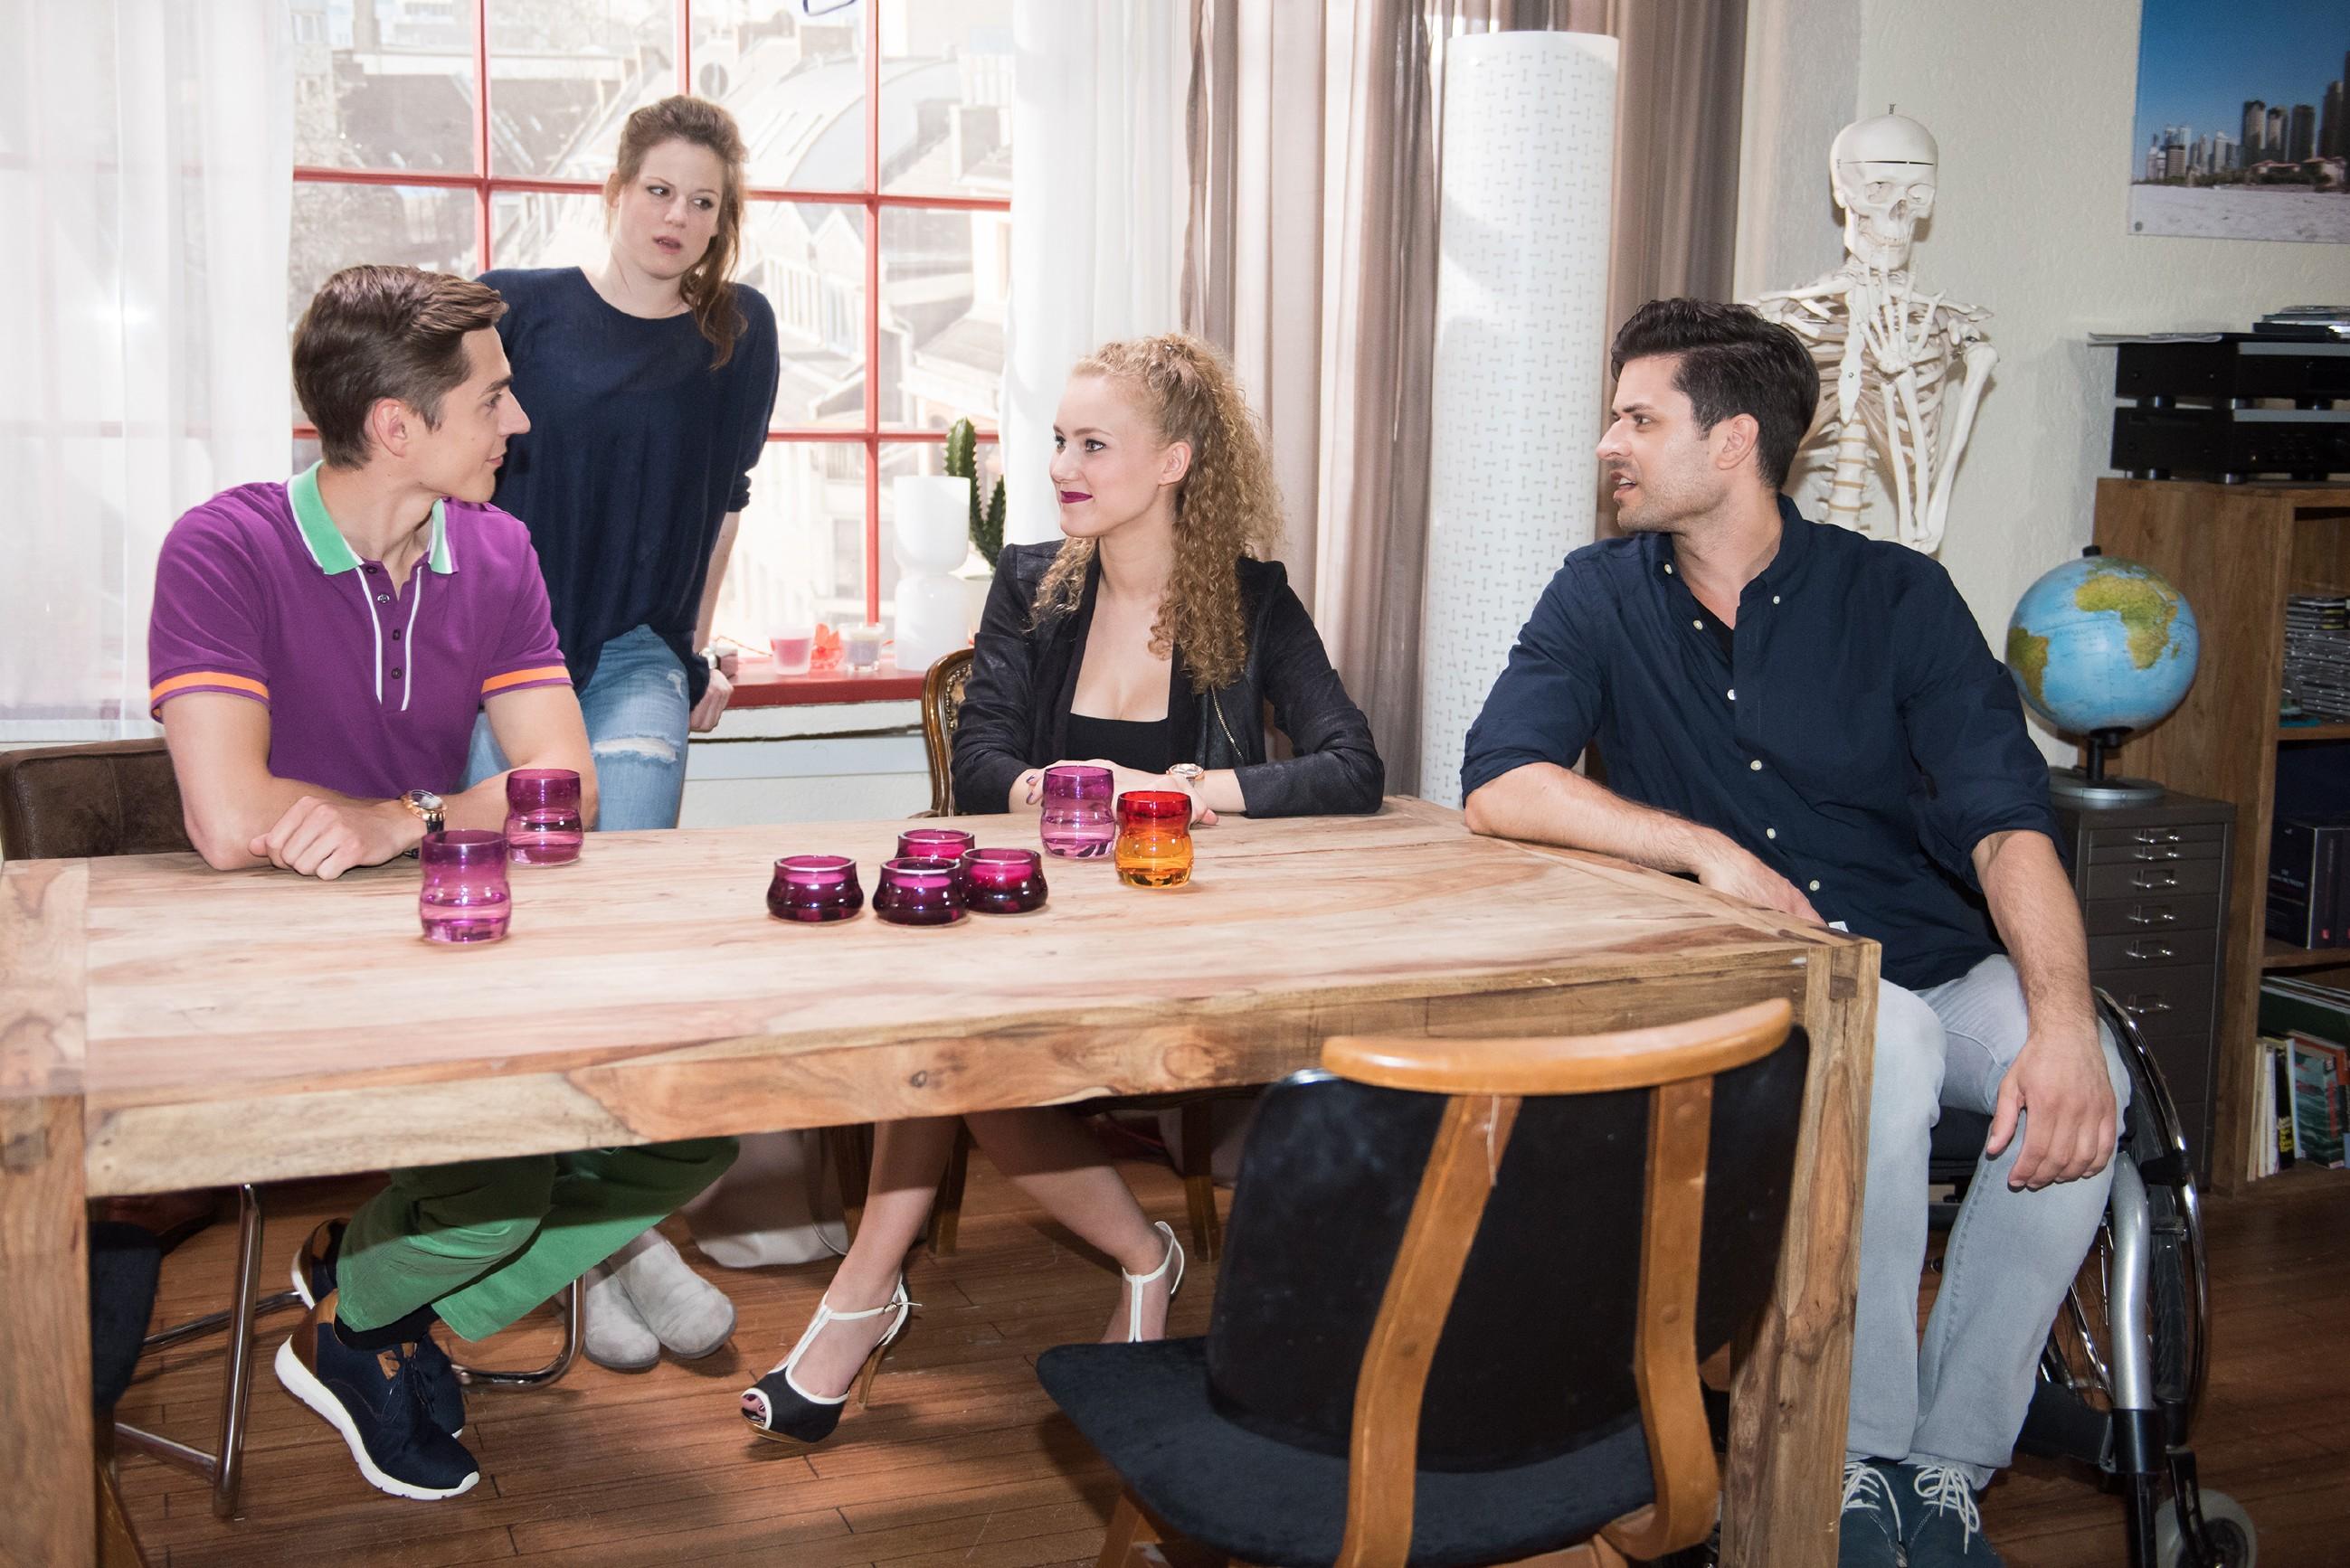 Elli (Nora Koppen, 2.v.l.) stellt irritiert fest, dass KayC (Pauline Angert), die sich angeregt mit Ringo (Timothy Boldt, l.) und Paco (Milos Vukovic) unterhält, auch ihre Lebensweise komplett verändert hat.